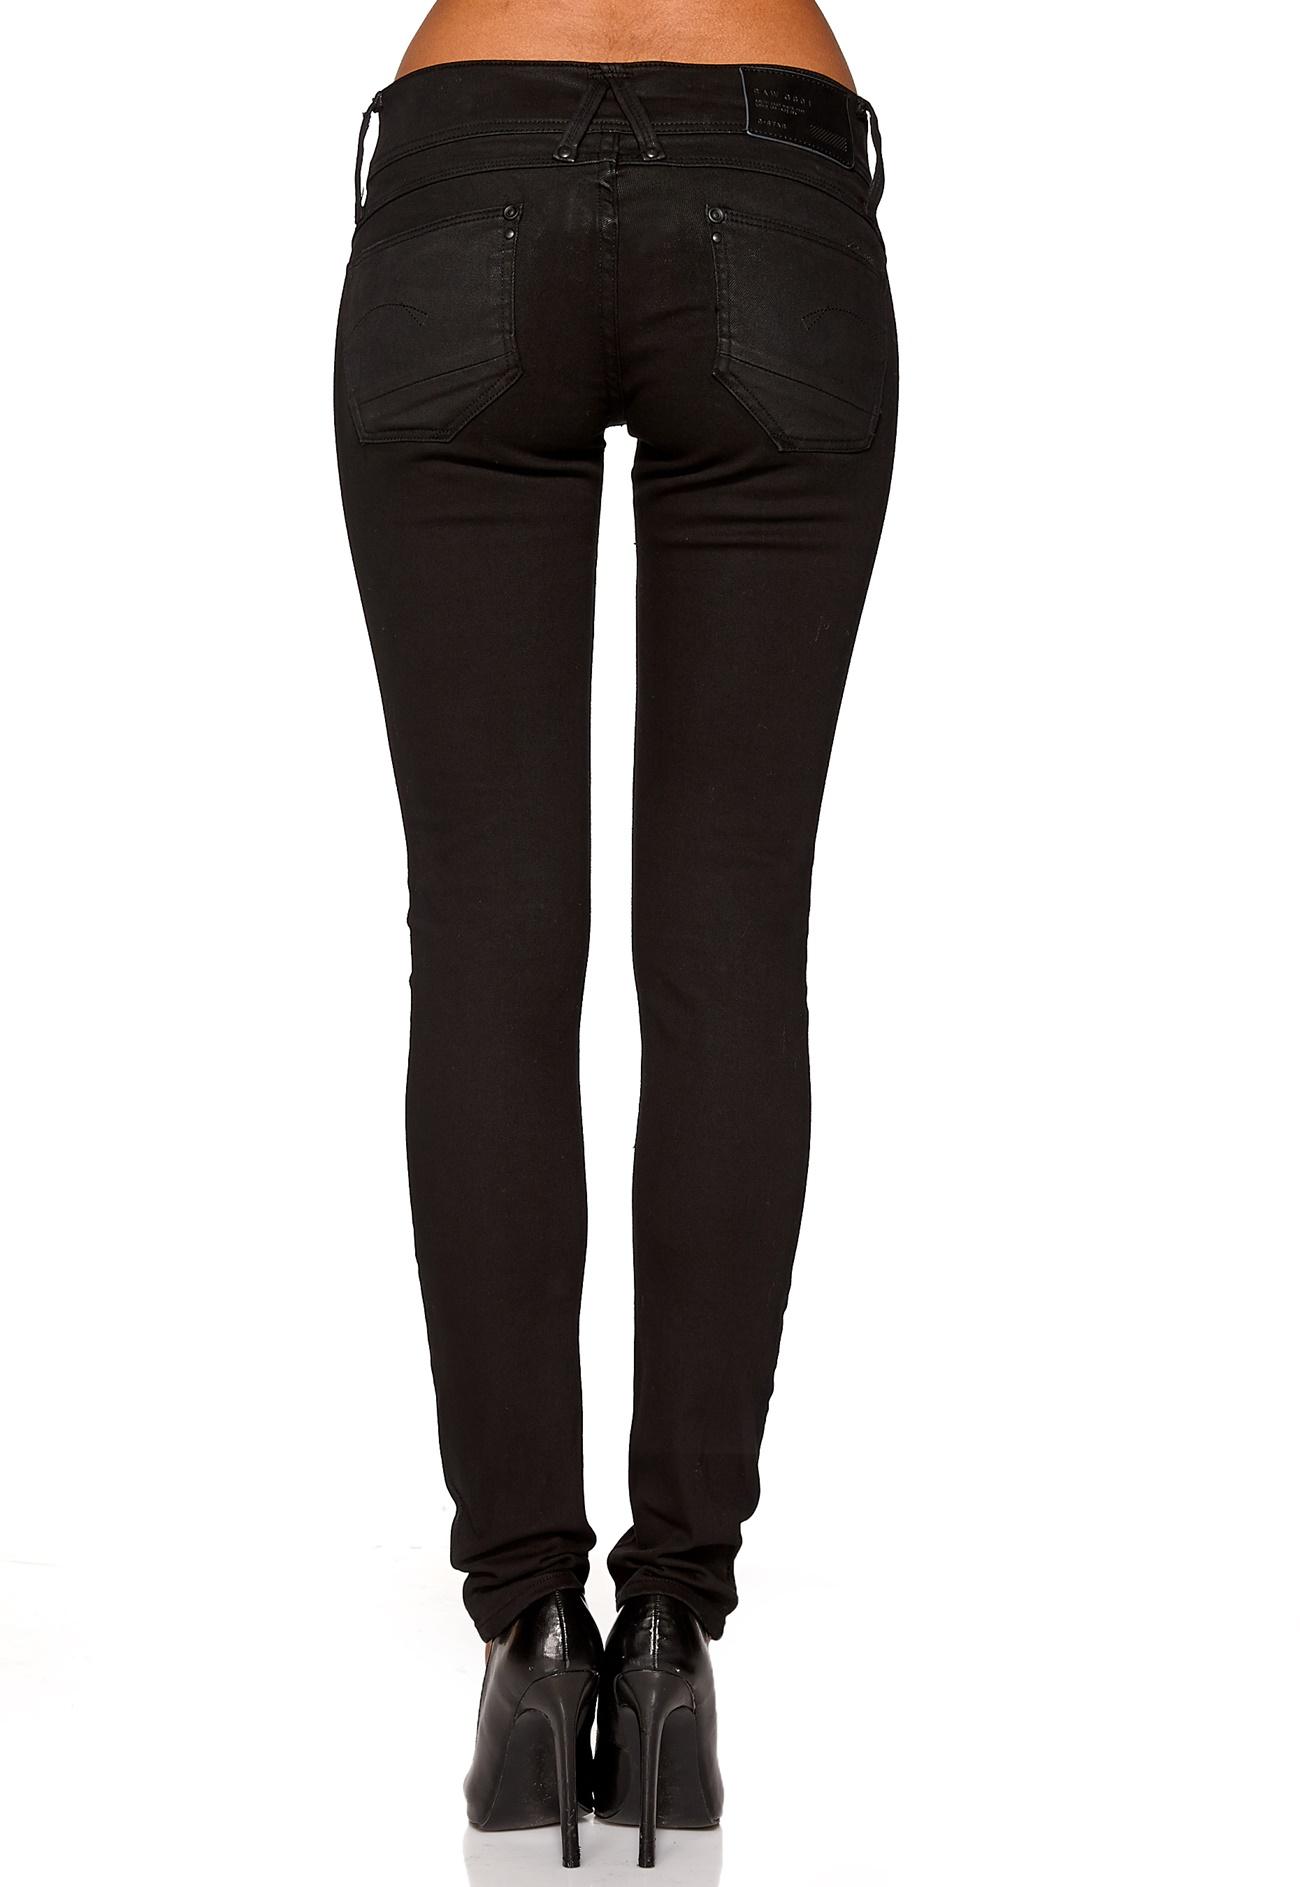 g star lynn skinny jeans 4947 cobler smash bubbleroom. Black Bedroom Furniture Sets. Home Design Ideas